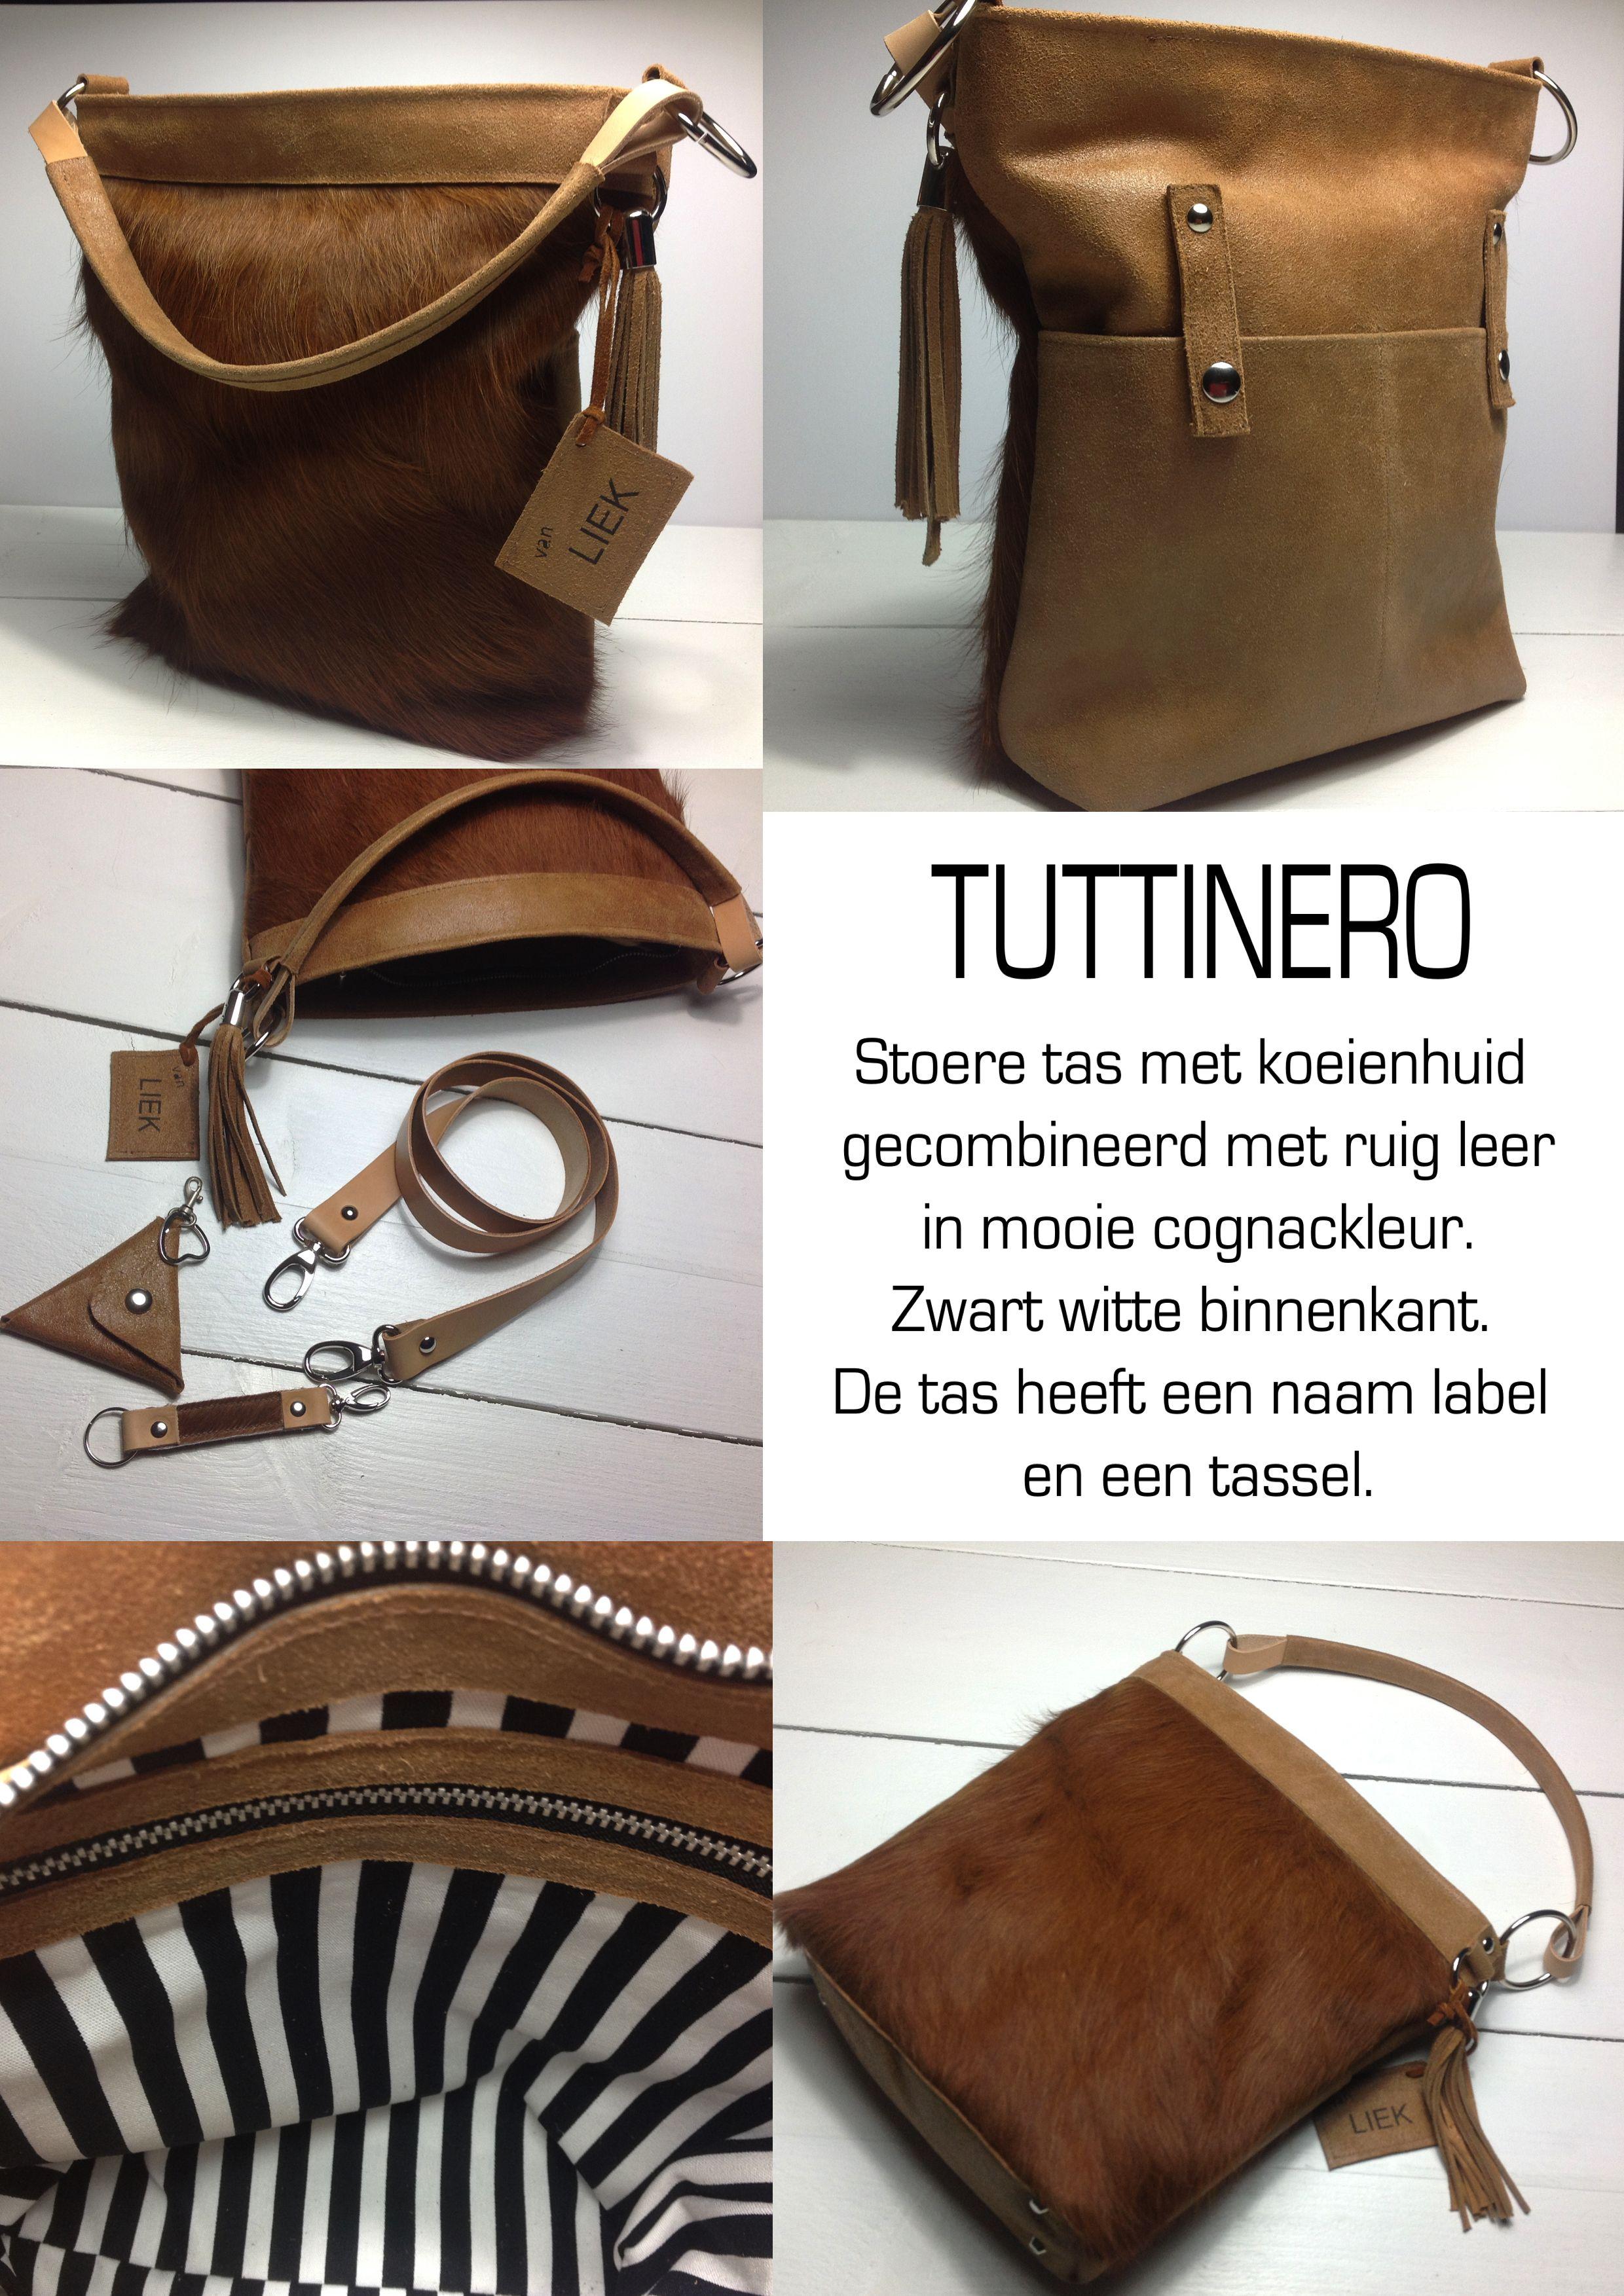 Leather TuttineroKoeienhuid In TasBagsamp; Label Stuff 2019 UVqSLpzMG